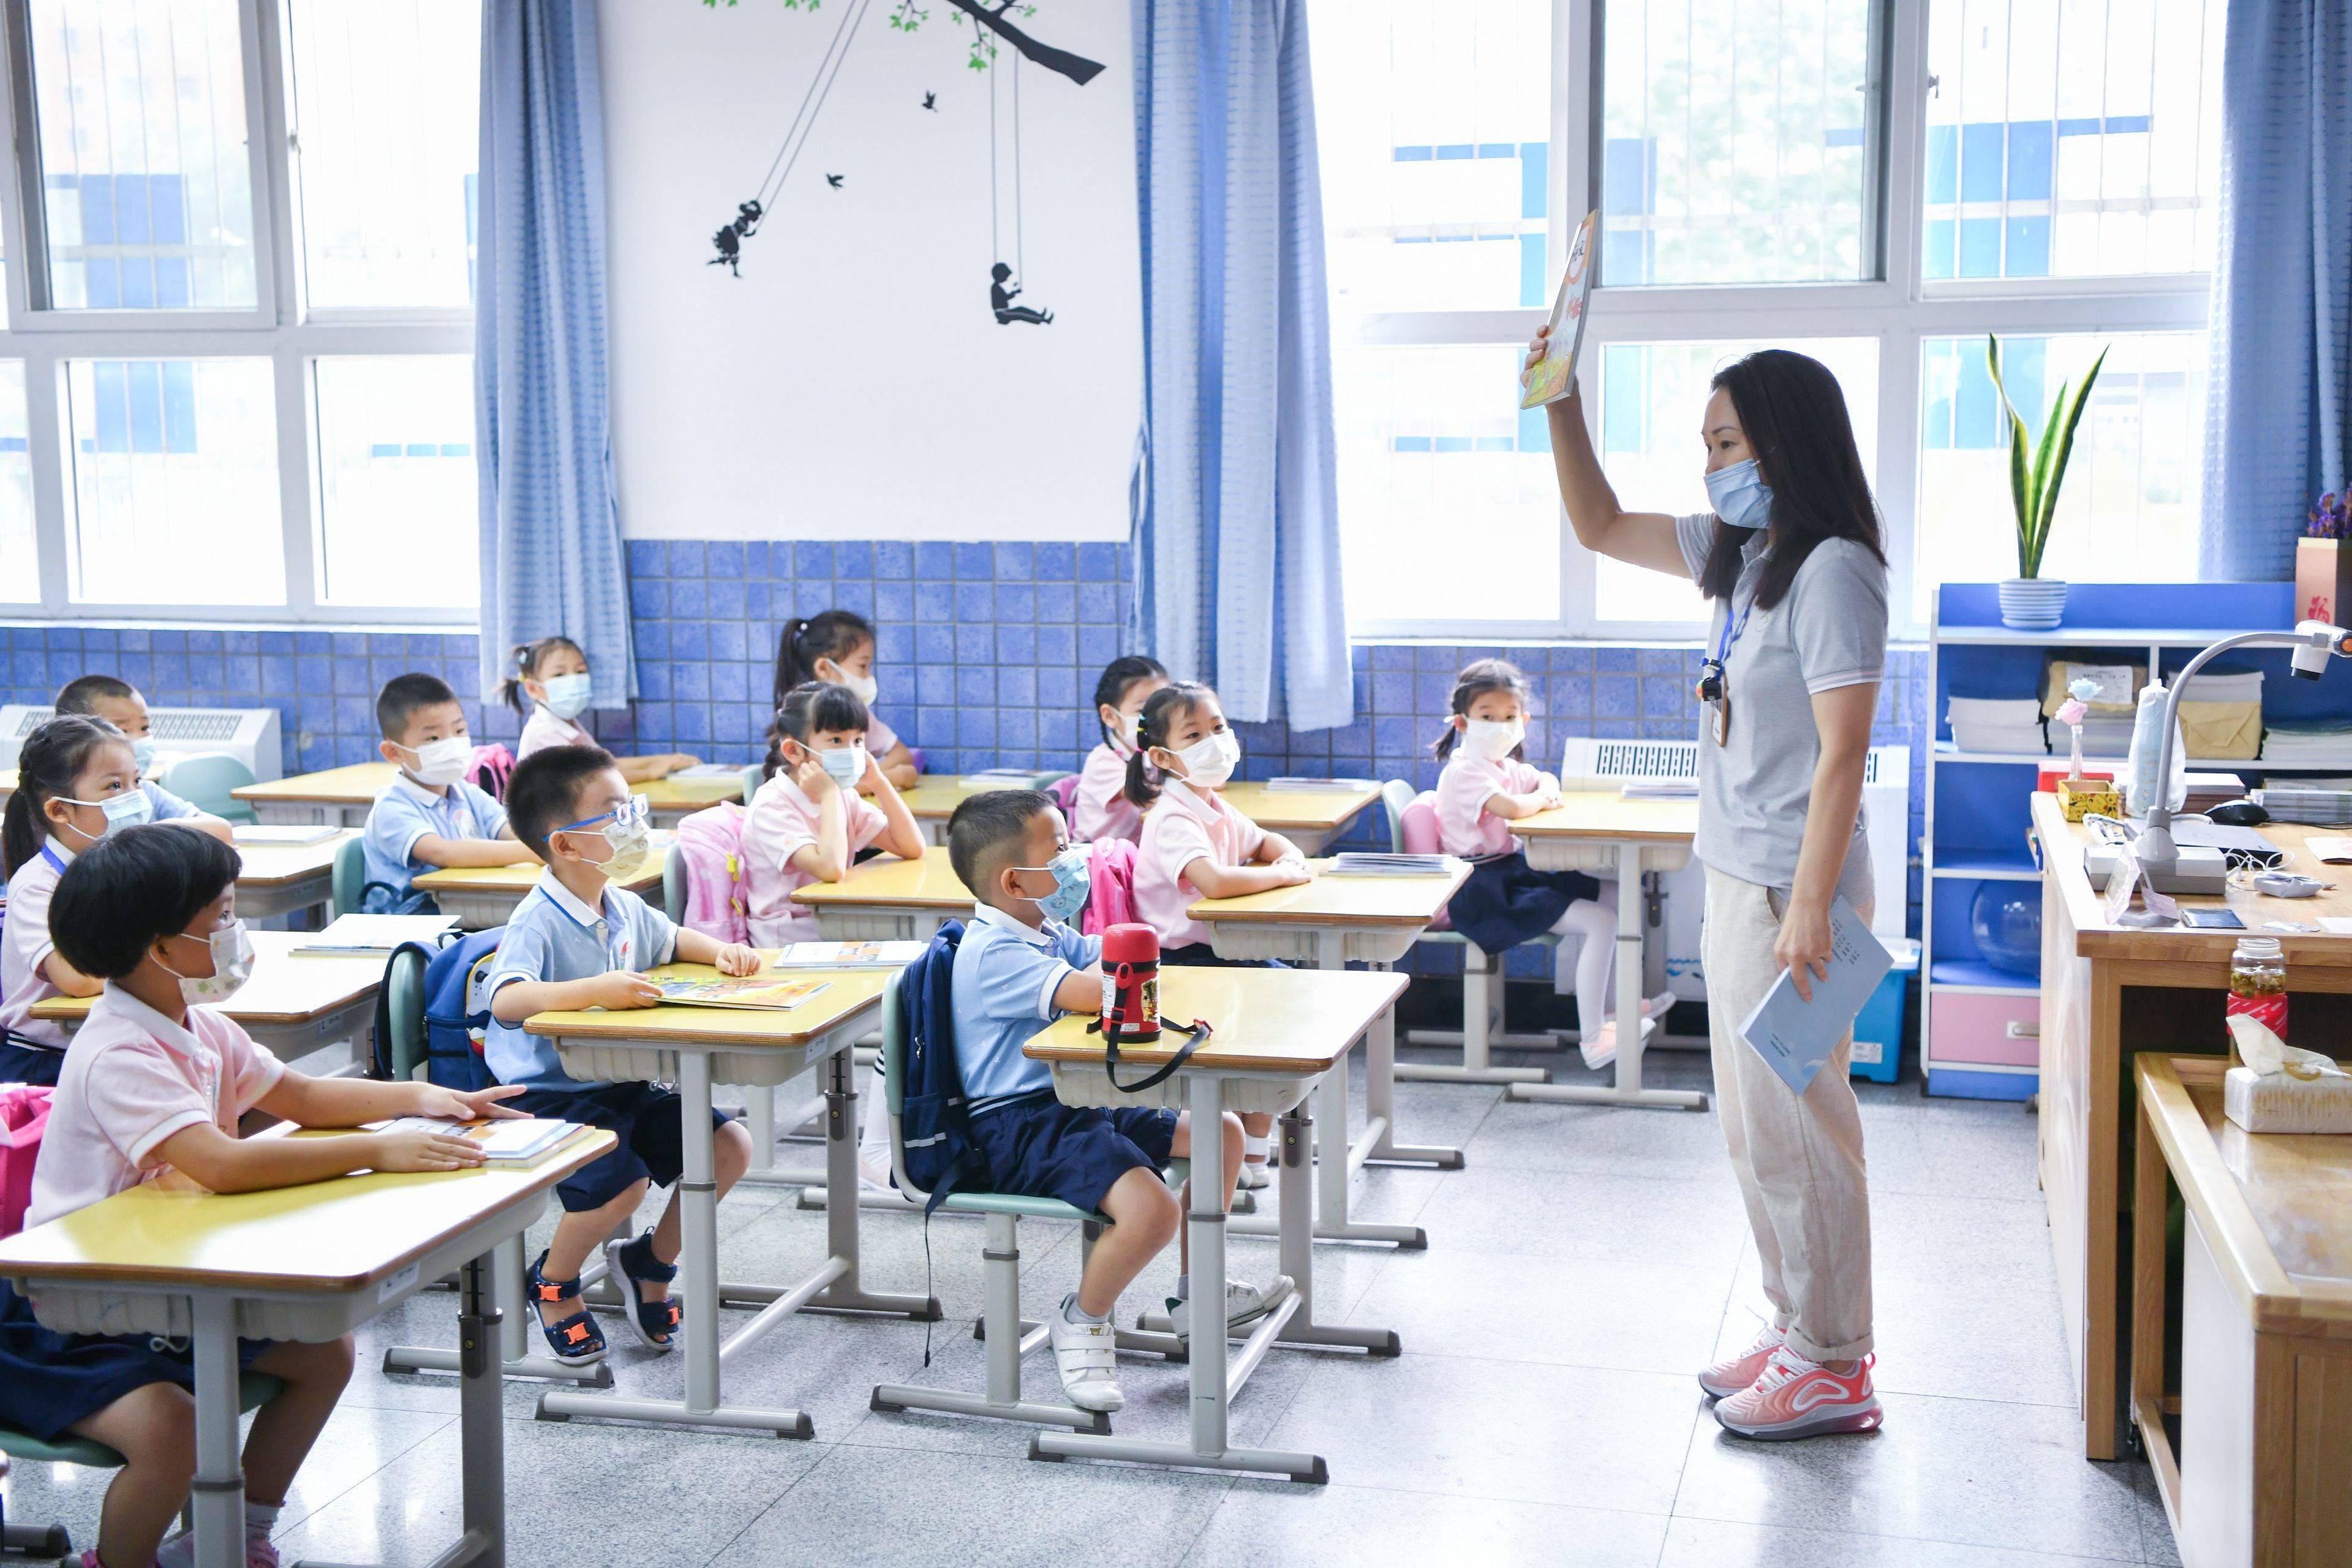 今天开学很顺利,中关村三小南校区供图